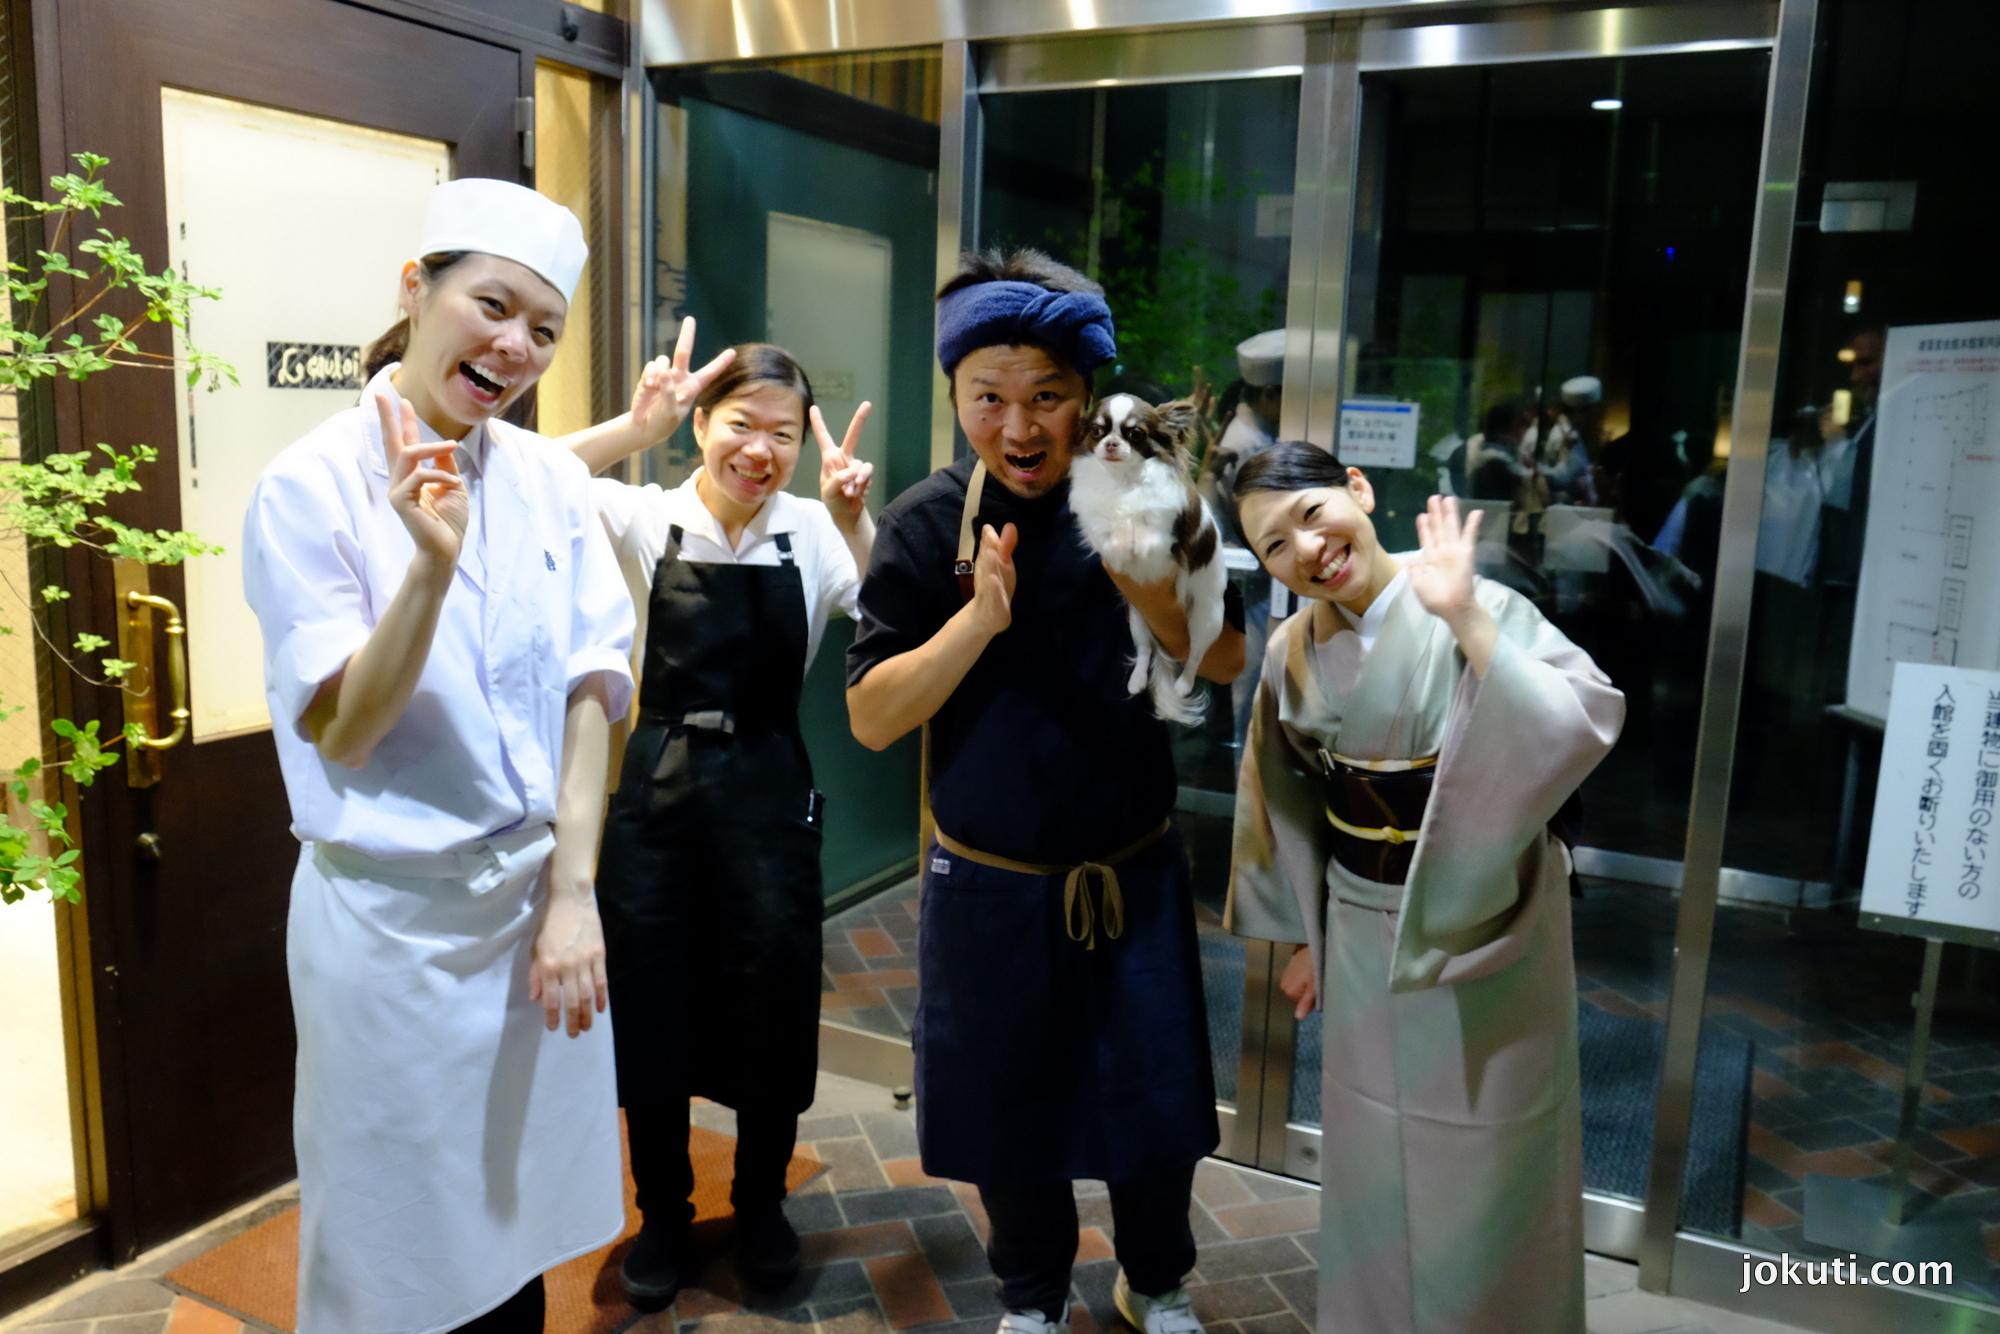 dscf5845_den_zaiyu_hasegawa_michelin_tokyo_japan_vilagevo_jokuti.jpg